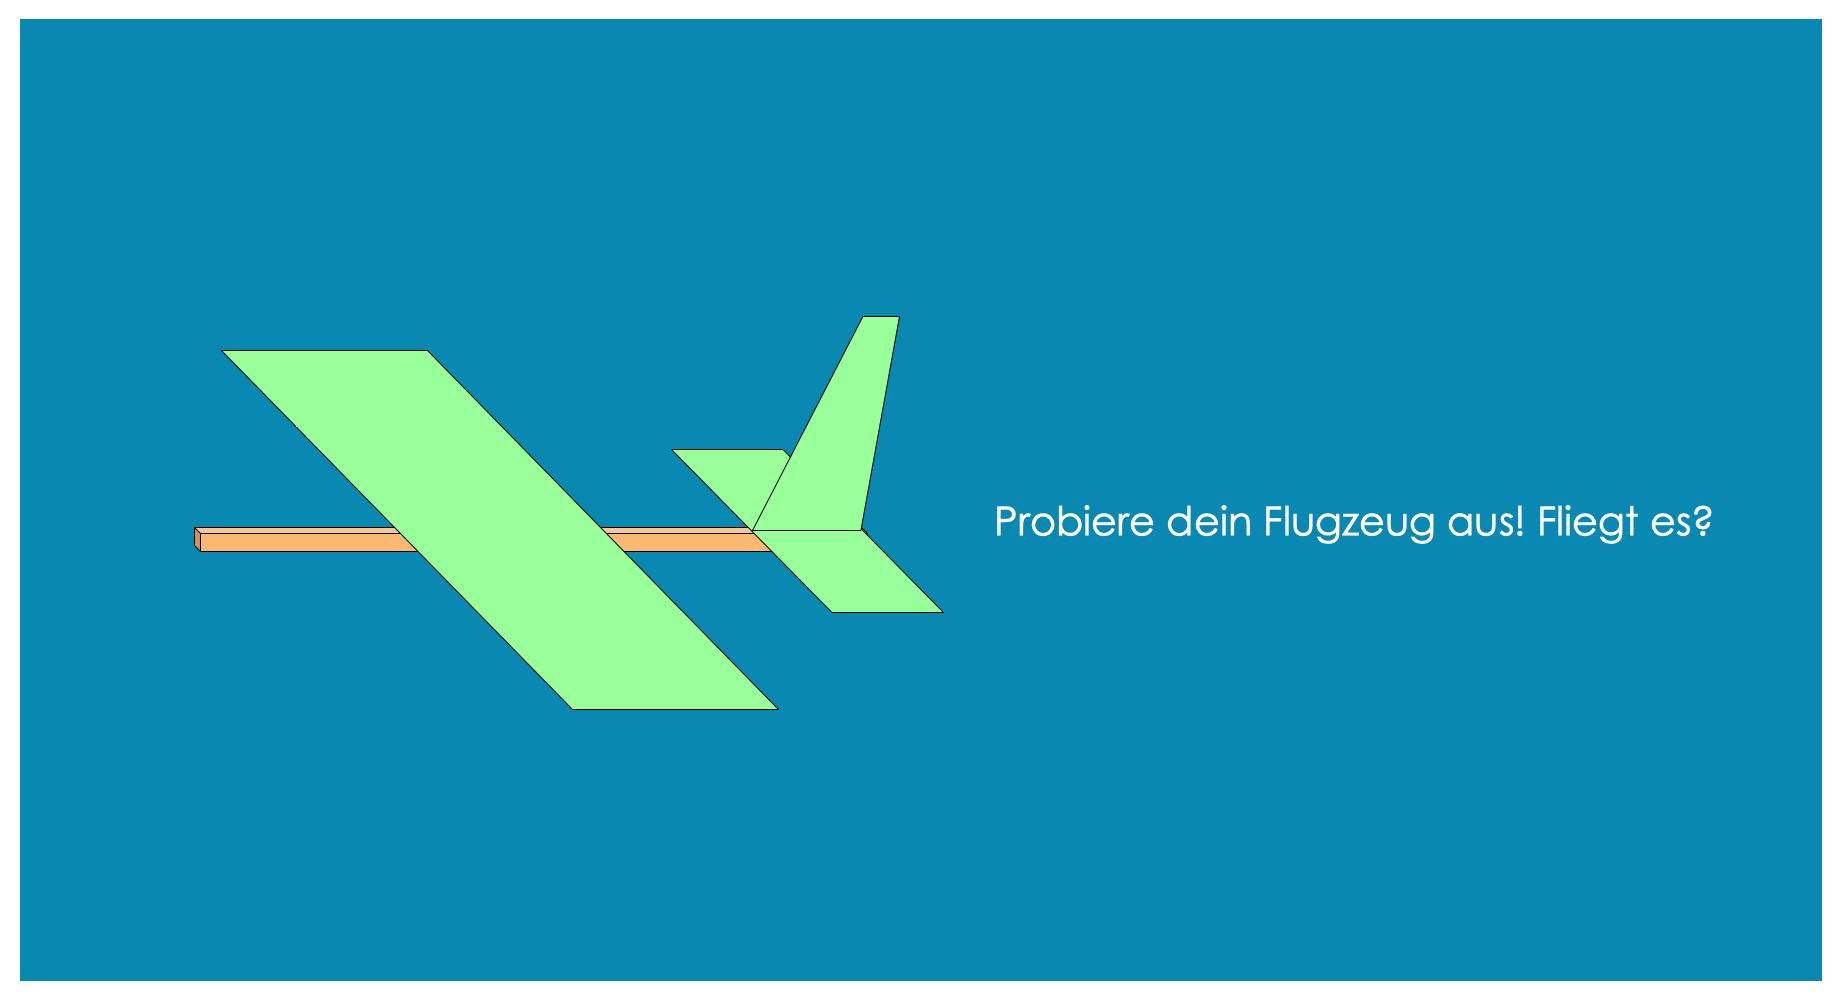 Flieger Schritt 4